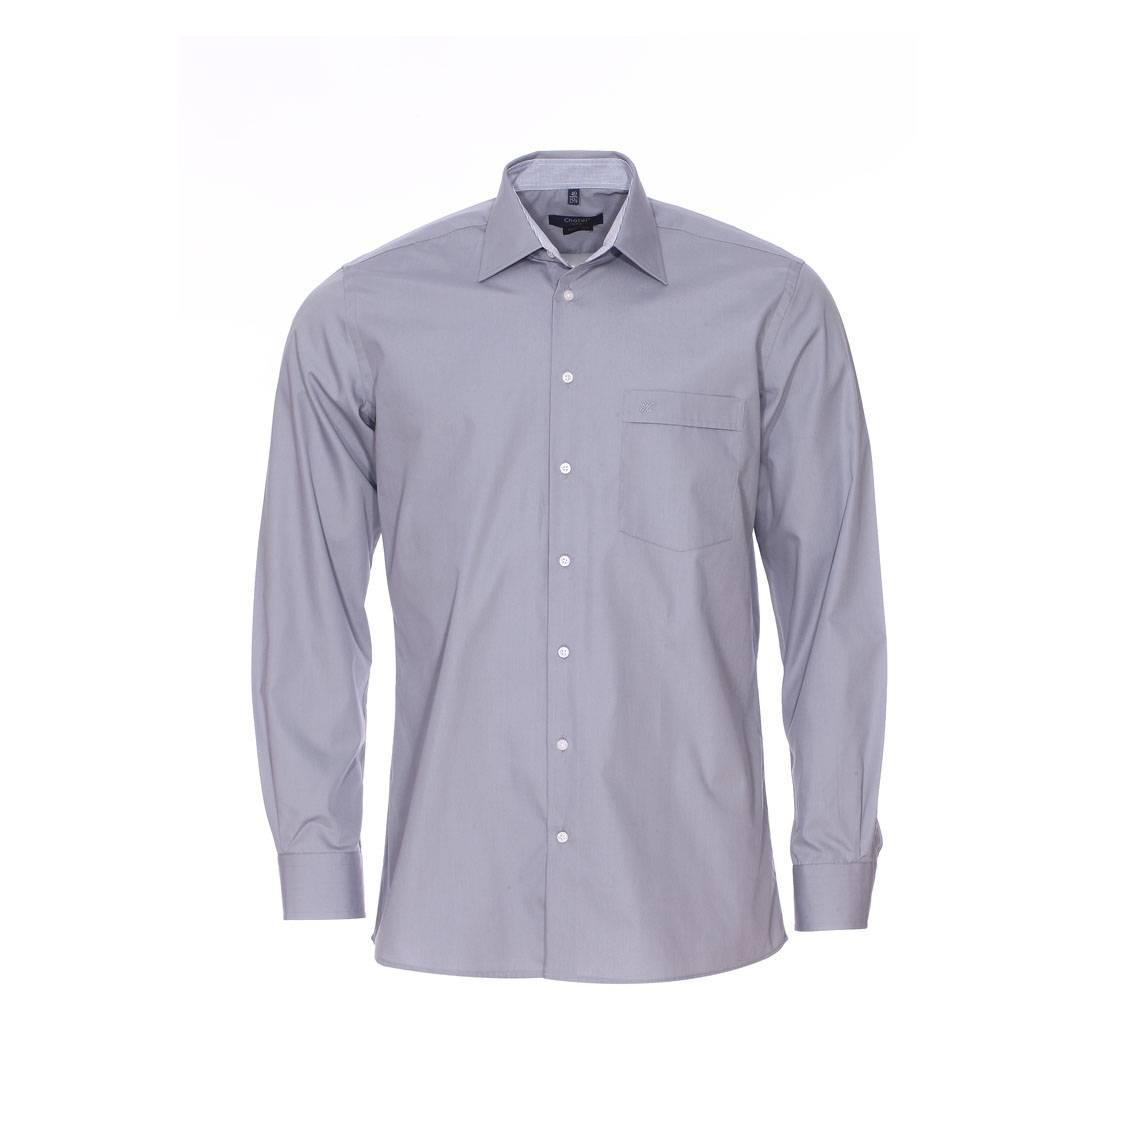 Chemise ajustée  grise à opposition blanche à carreaux, repassage facile